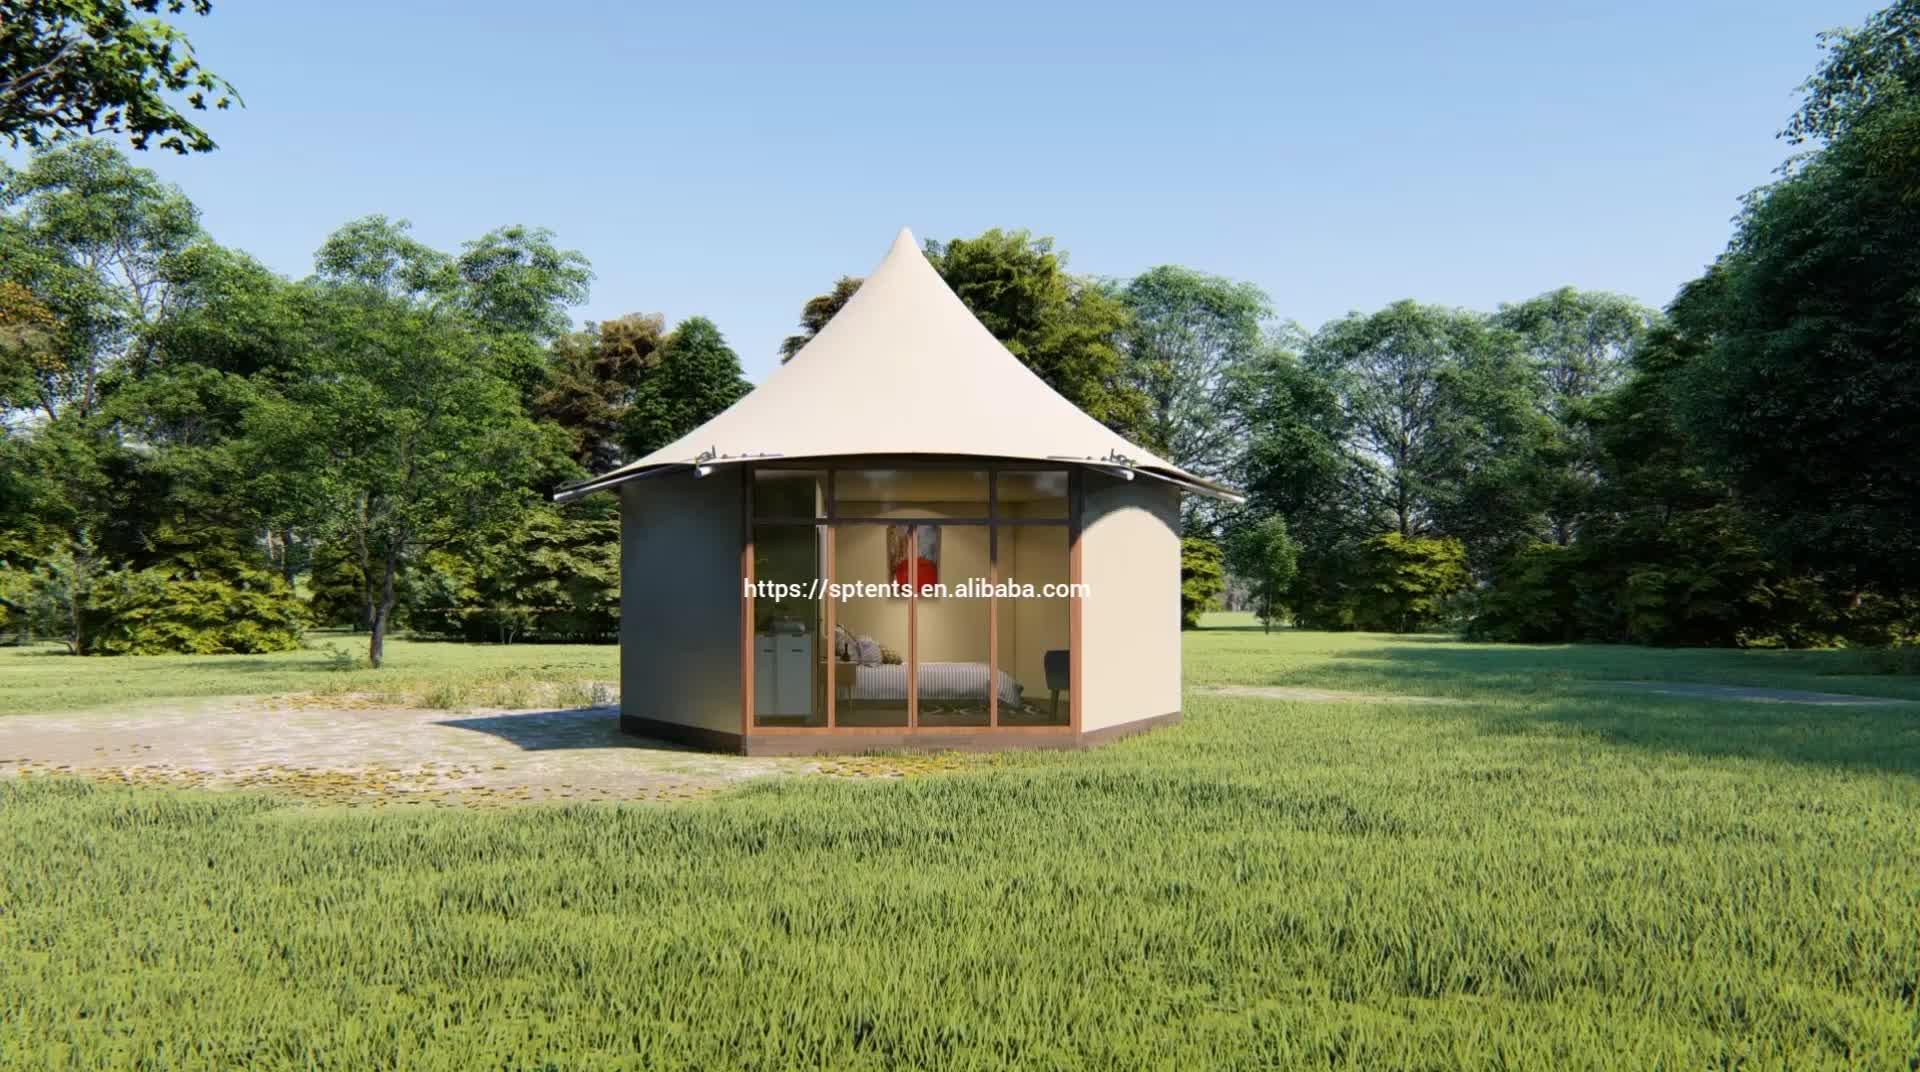 Confortable permanent famille maison de luxe glamping tente d'hôtel avec la conception moderne